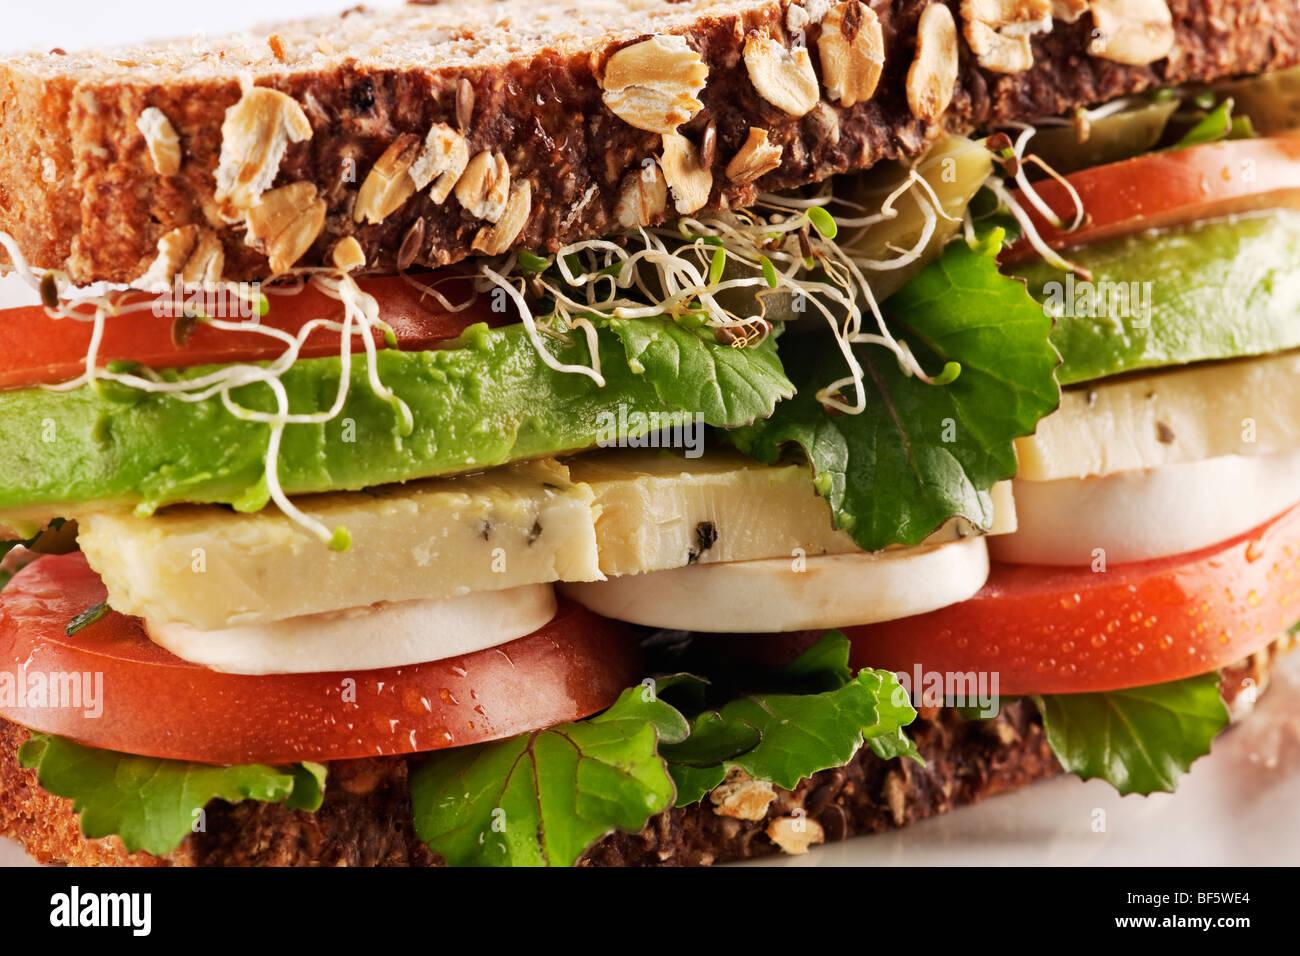 Salute vegetariani sandwich di pane con avocado, formaggio, funghi, lattuga, germogli e pomodori Immagini Stock